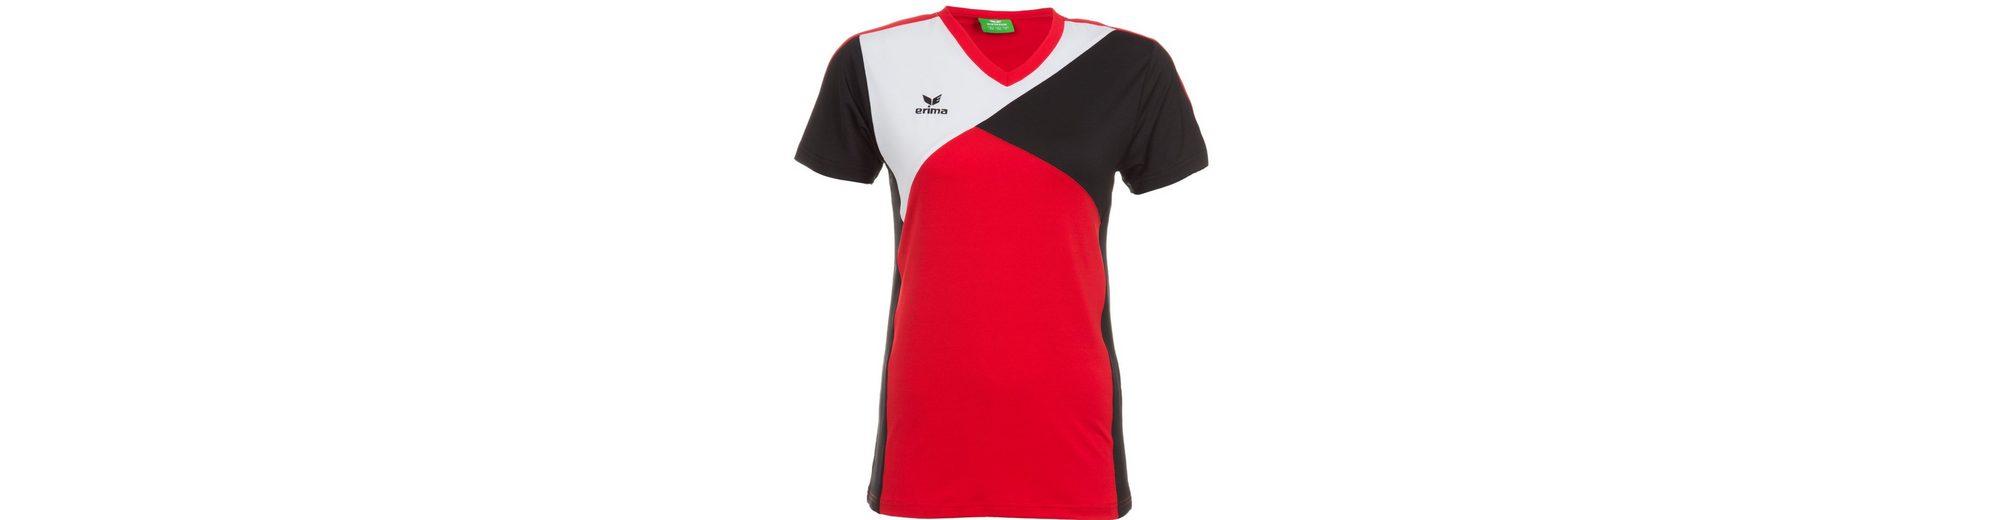 ERIMA Premium One T-Shirt Damen Günstig Kaufen Besten Großhandel Günstigste Online-Verkauf Modisch Großer Verkauf Verkauf Online Rabatt 100% Authentische VJJ8iQlL8p